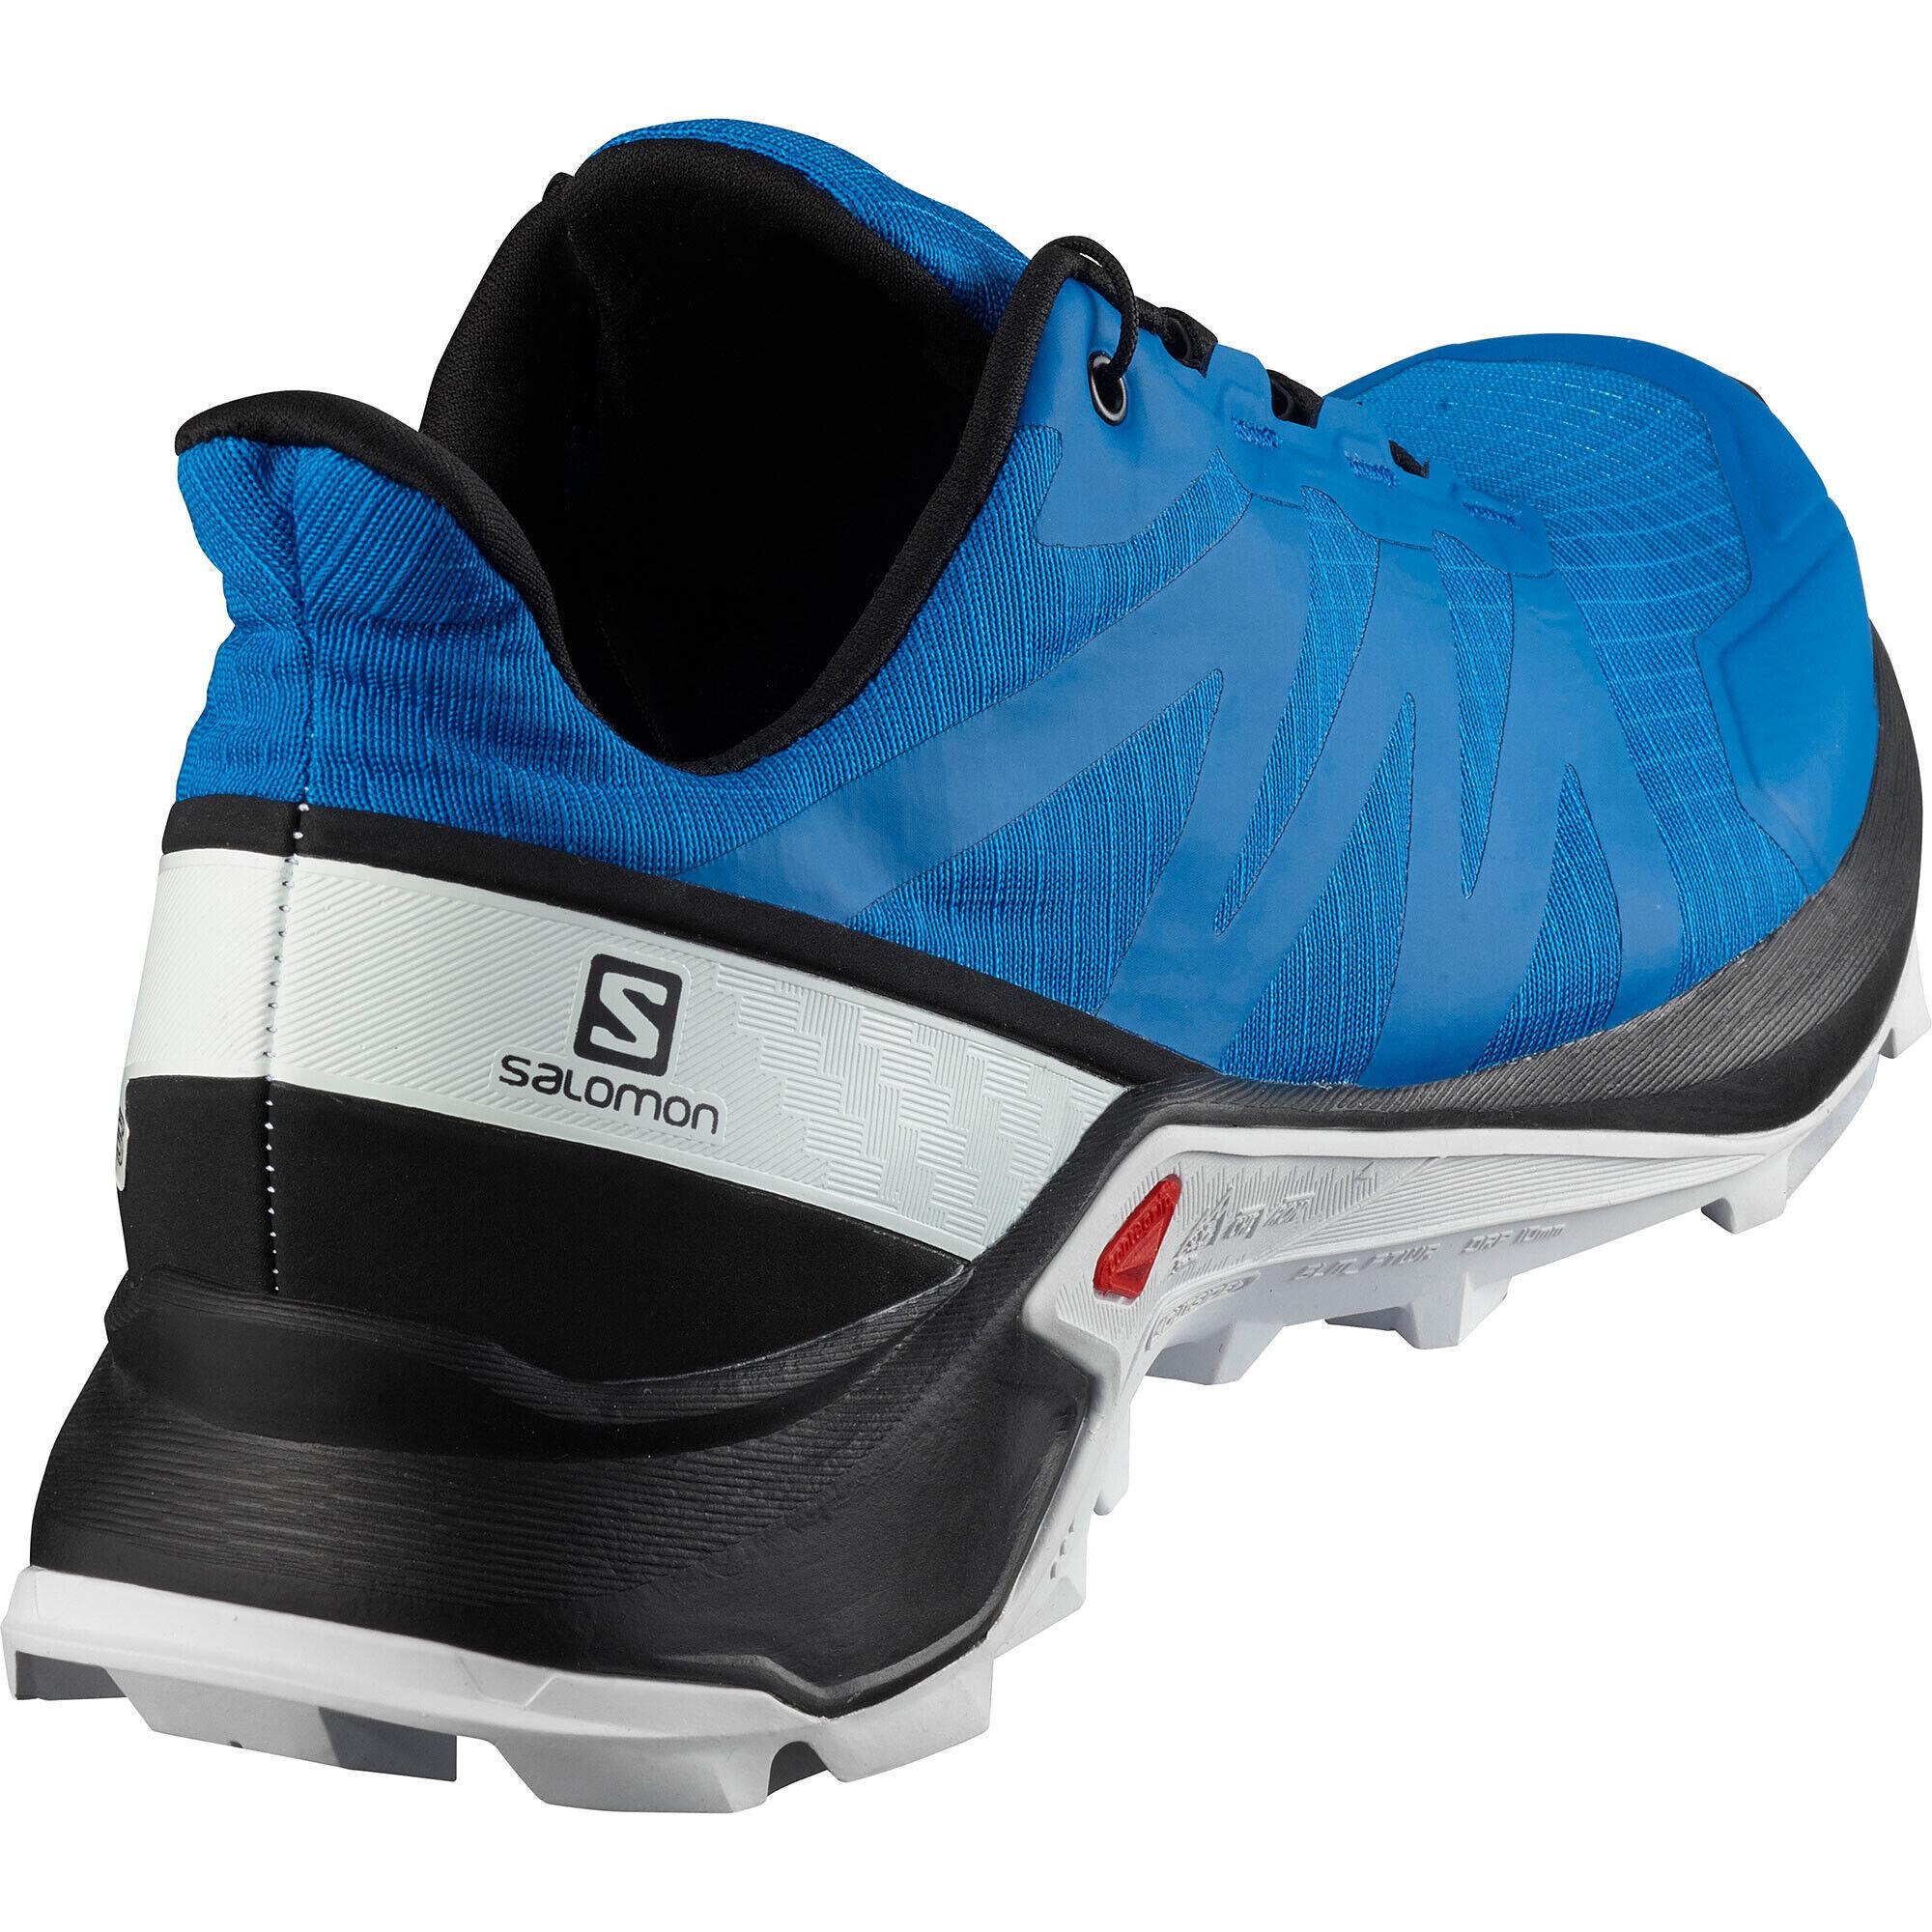 Herren Schuhe Salomon Neutral X Tour 2 Blau   375977 Größe